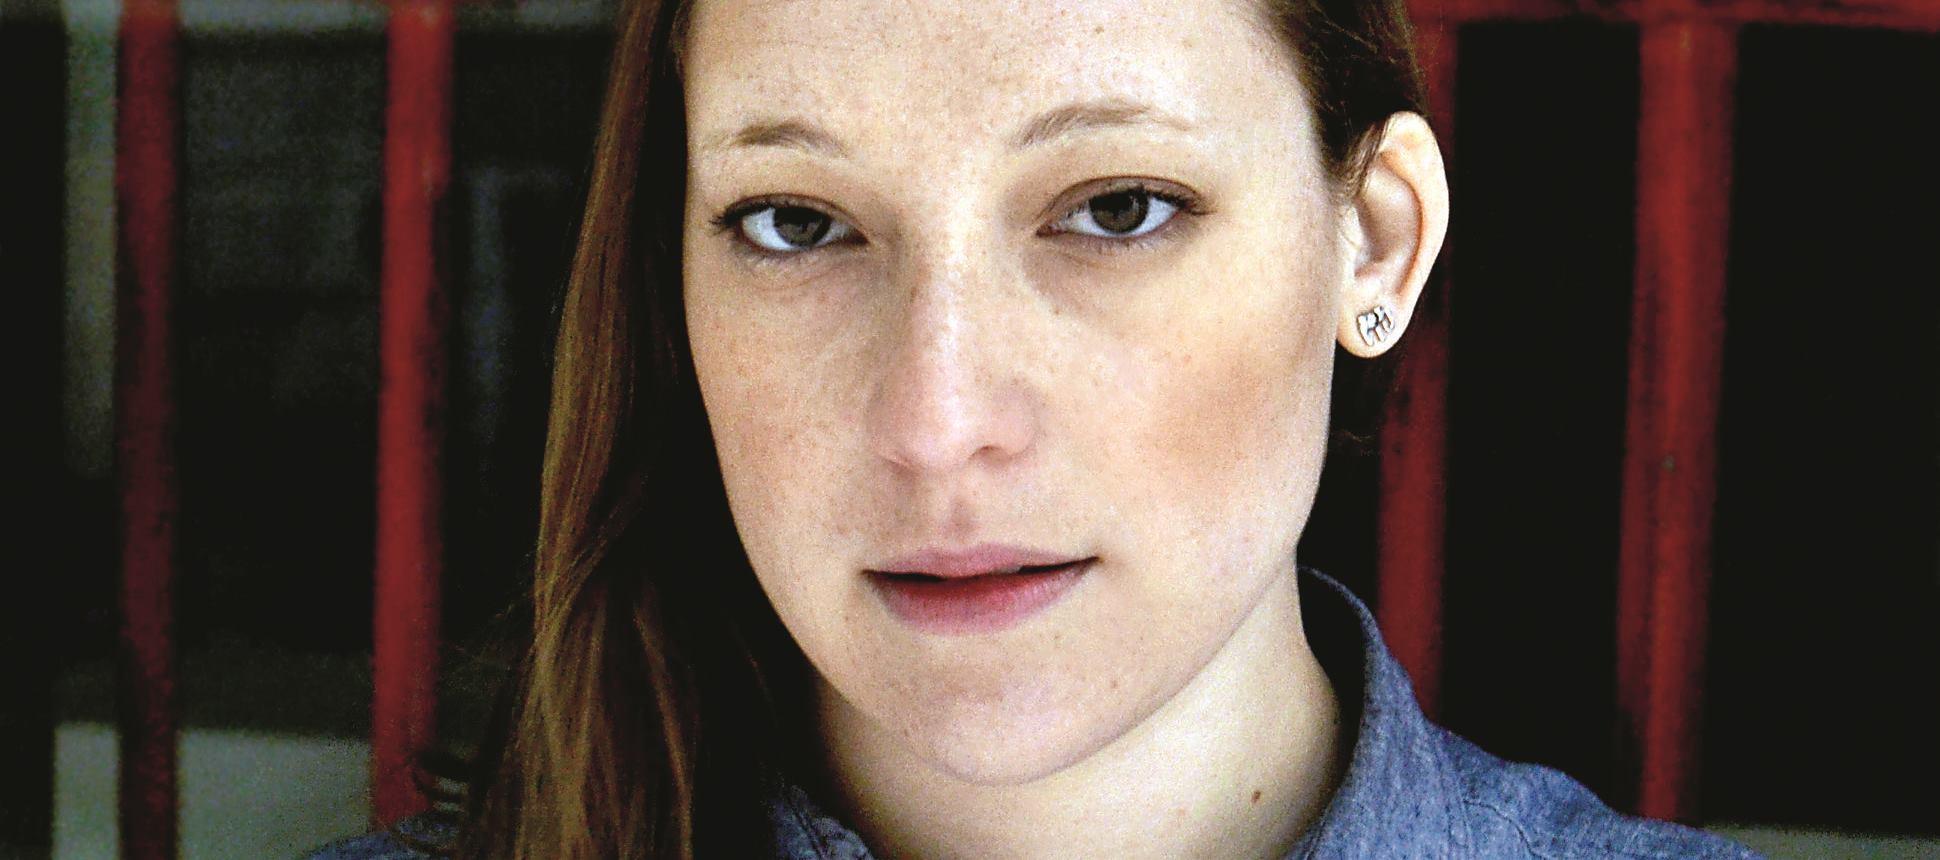 SARA NOVIĆ 'Američka hit-knjiga inspirira Amerikance da istažuju Domovinski rat'